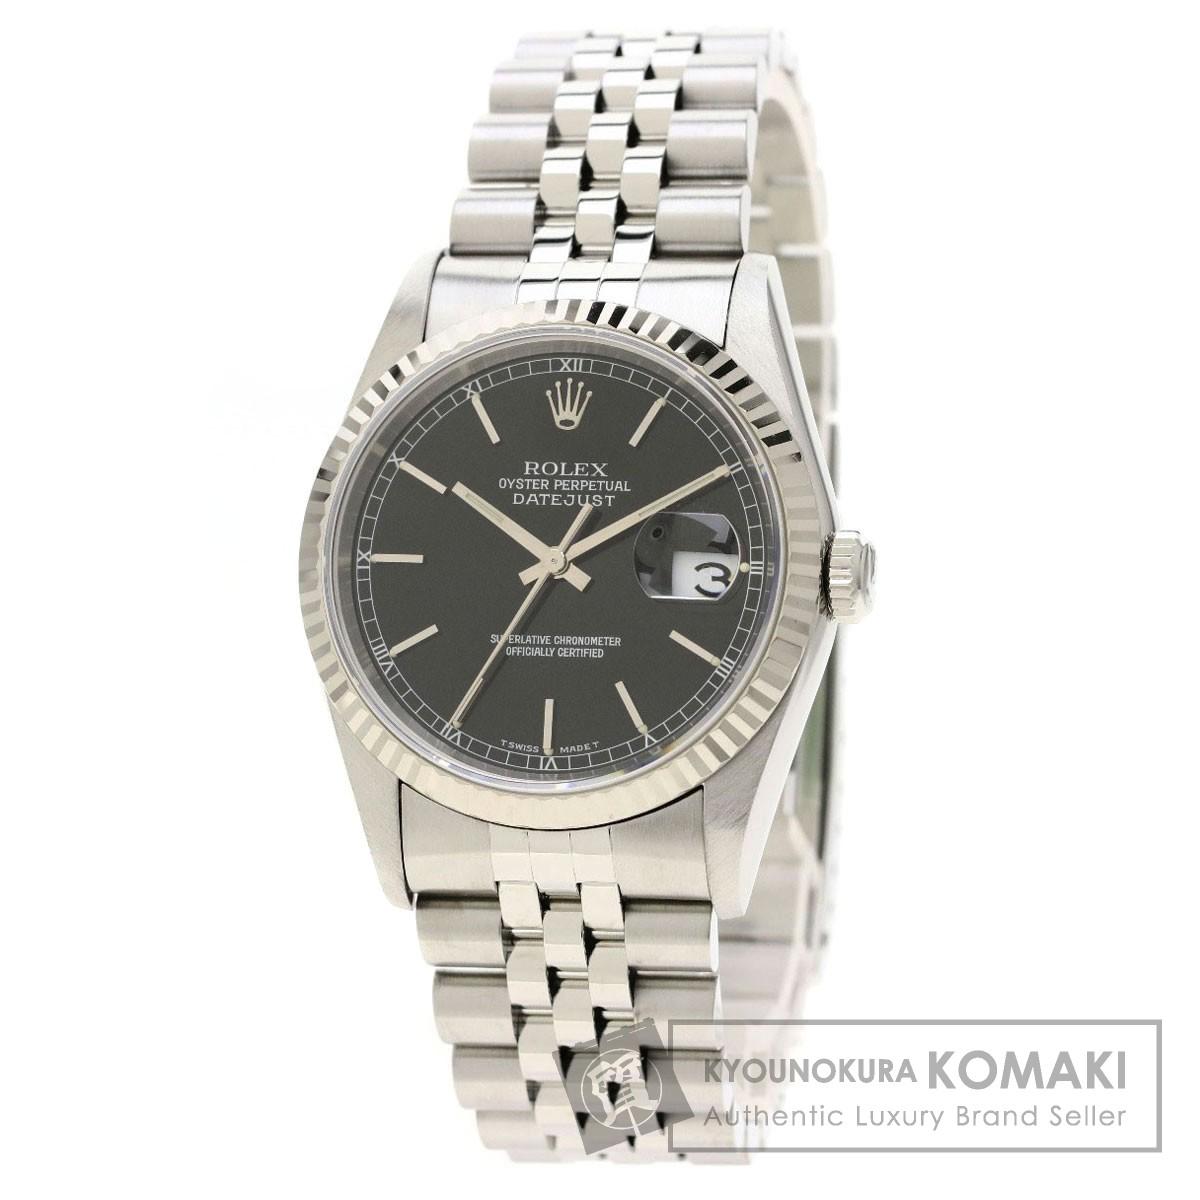 ロレックス 16234 デイトジャスト 腕時計 OH済 ステンレススチール/SS/K18WG メンズ 【中古】【ROLEX】